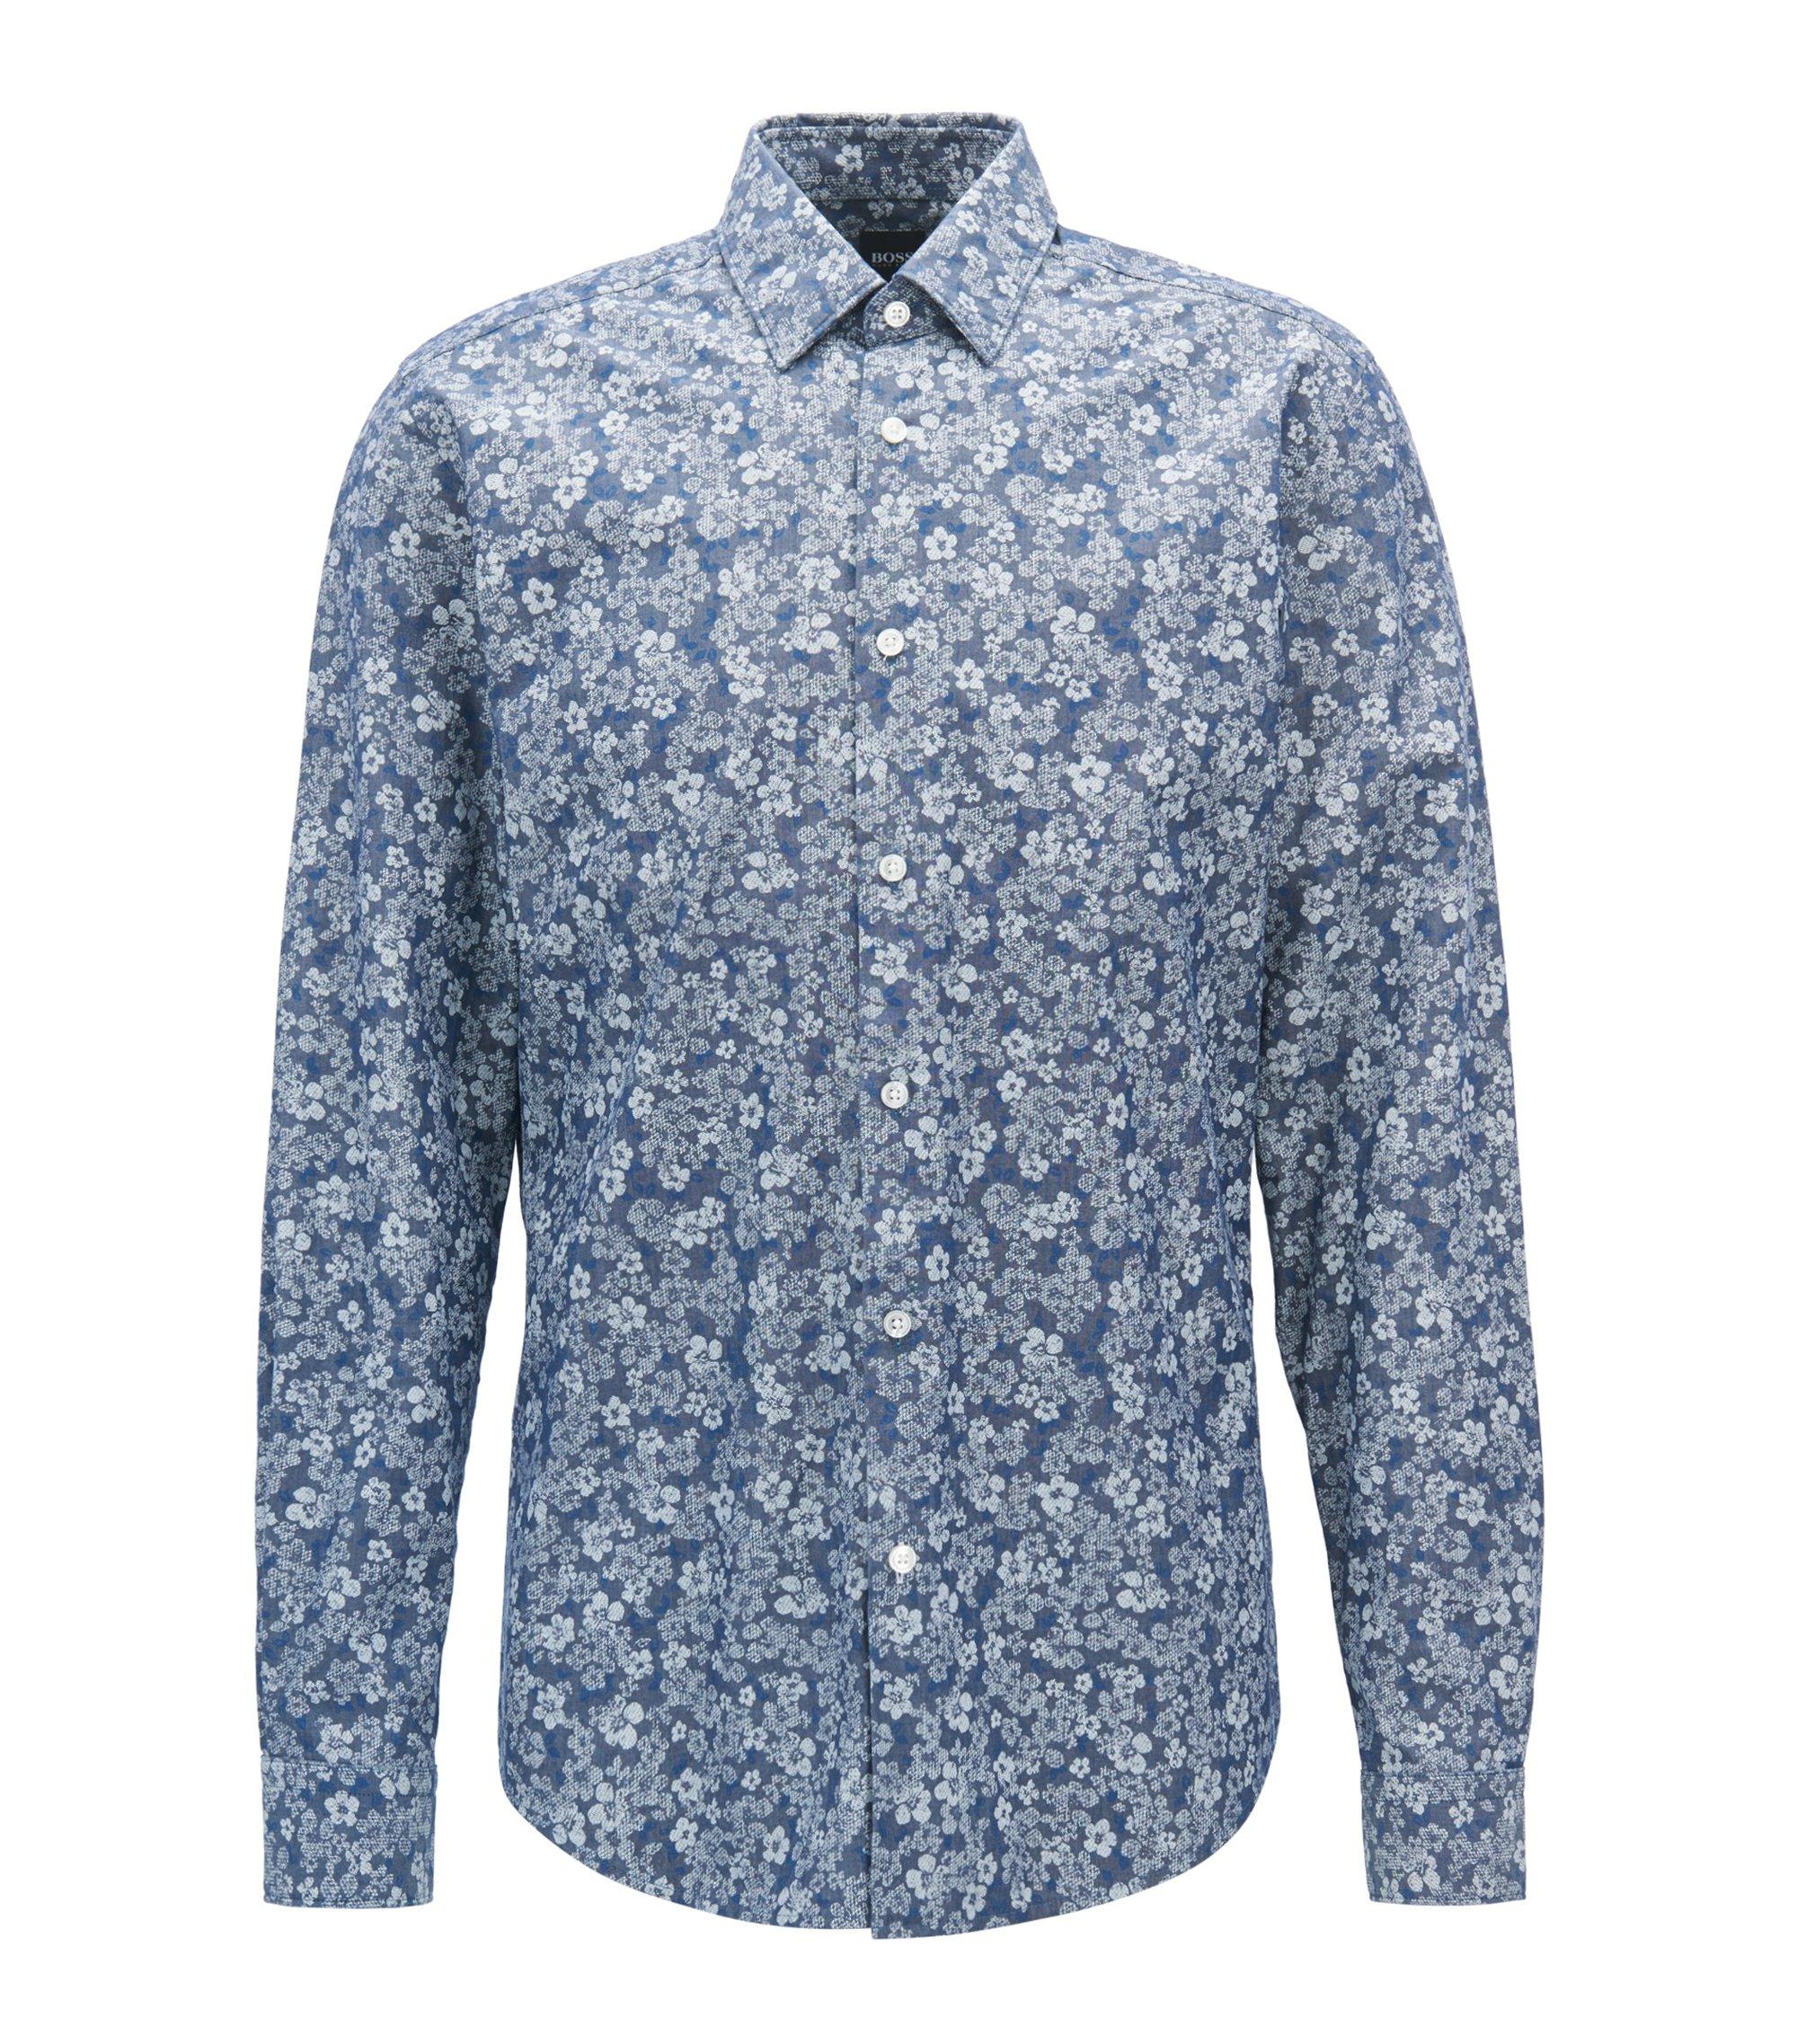 Camicia regular fit in cotone con stampa a fiori, Blu scuro